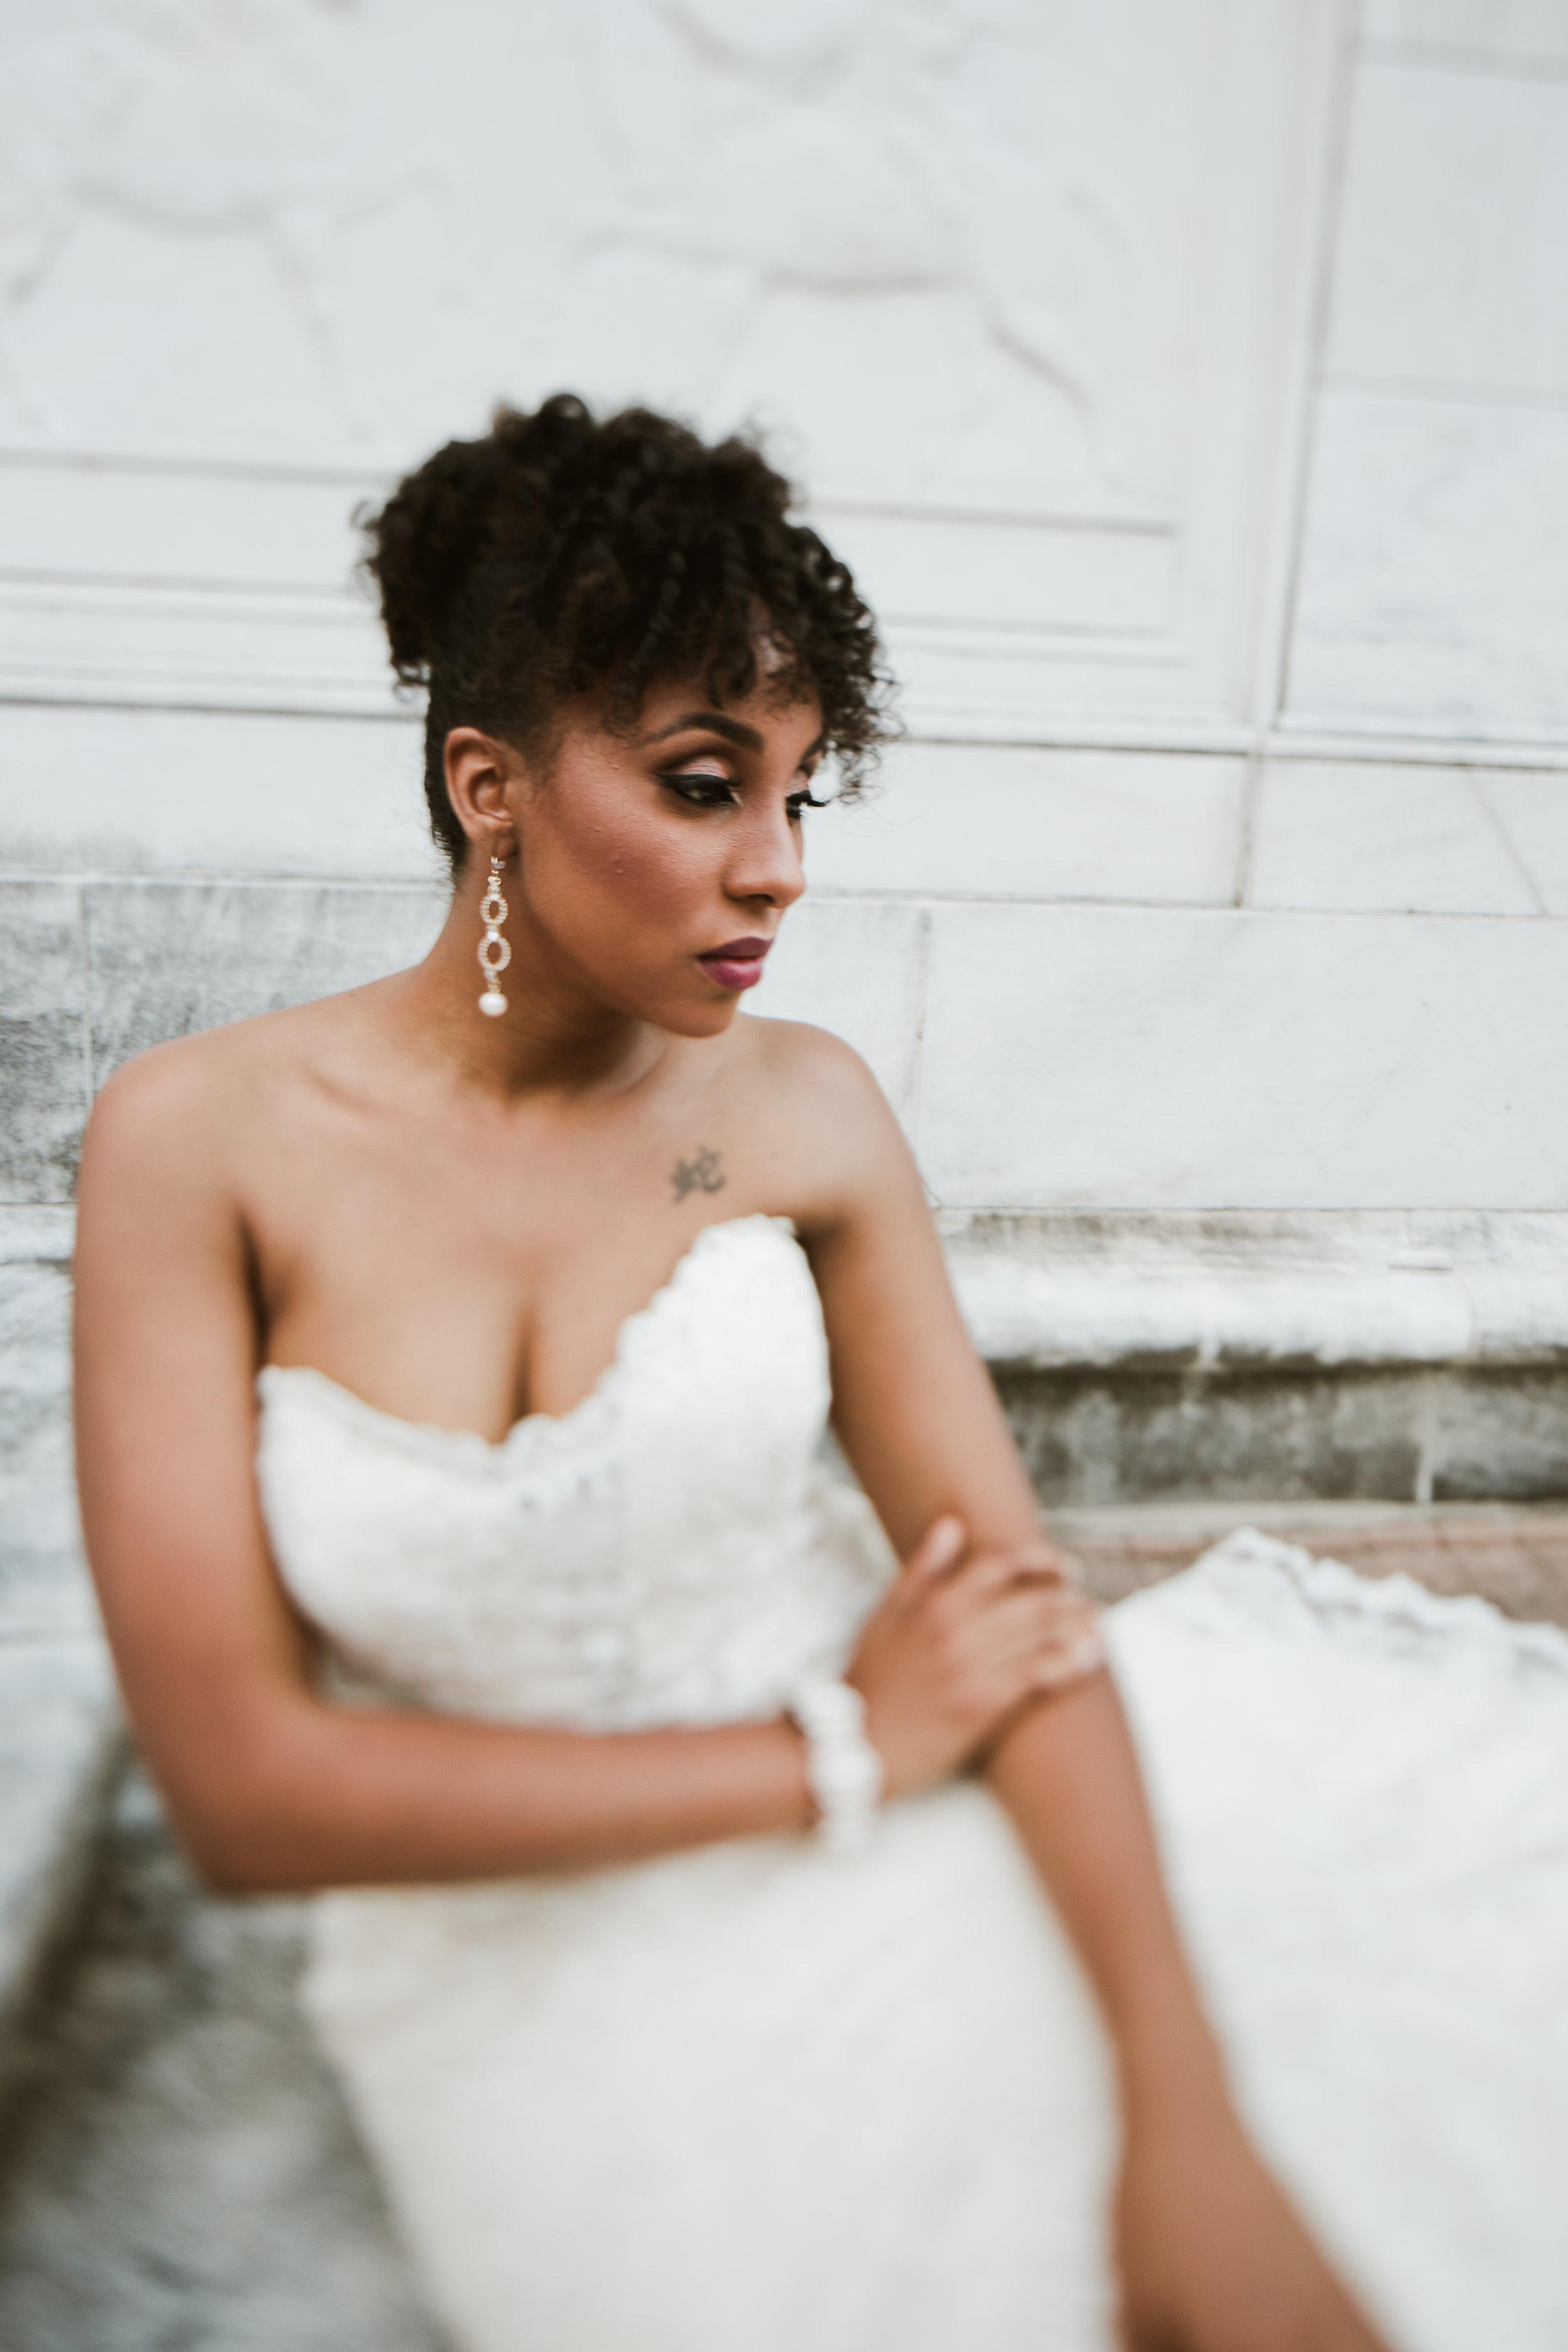 memphis-tennessee-bridal-makeup-artist (8).JPG